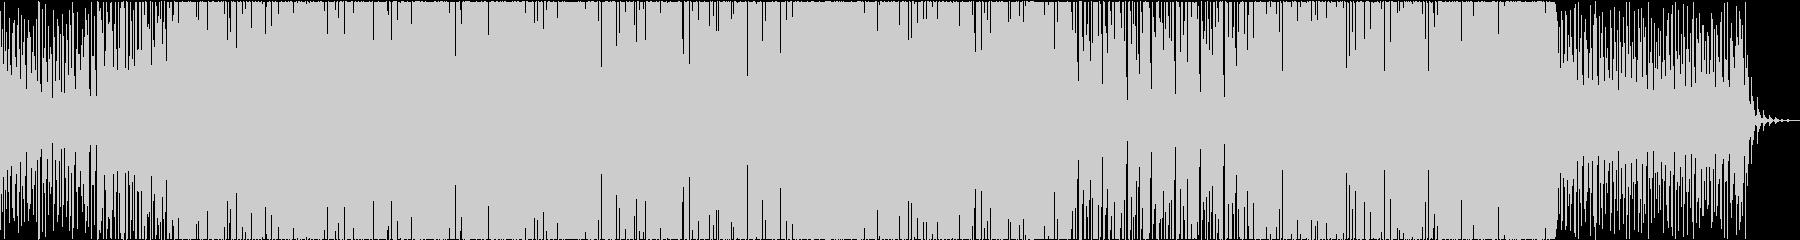 ミディアムテンポ EDM コミカル 陽気の未再生の波形